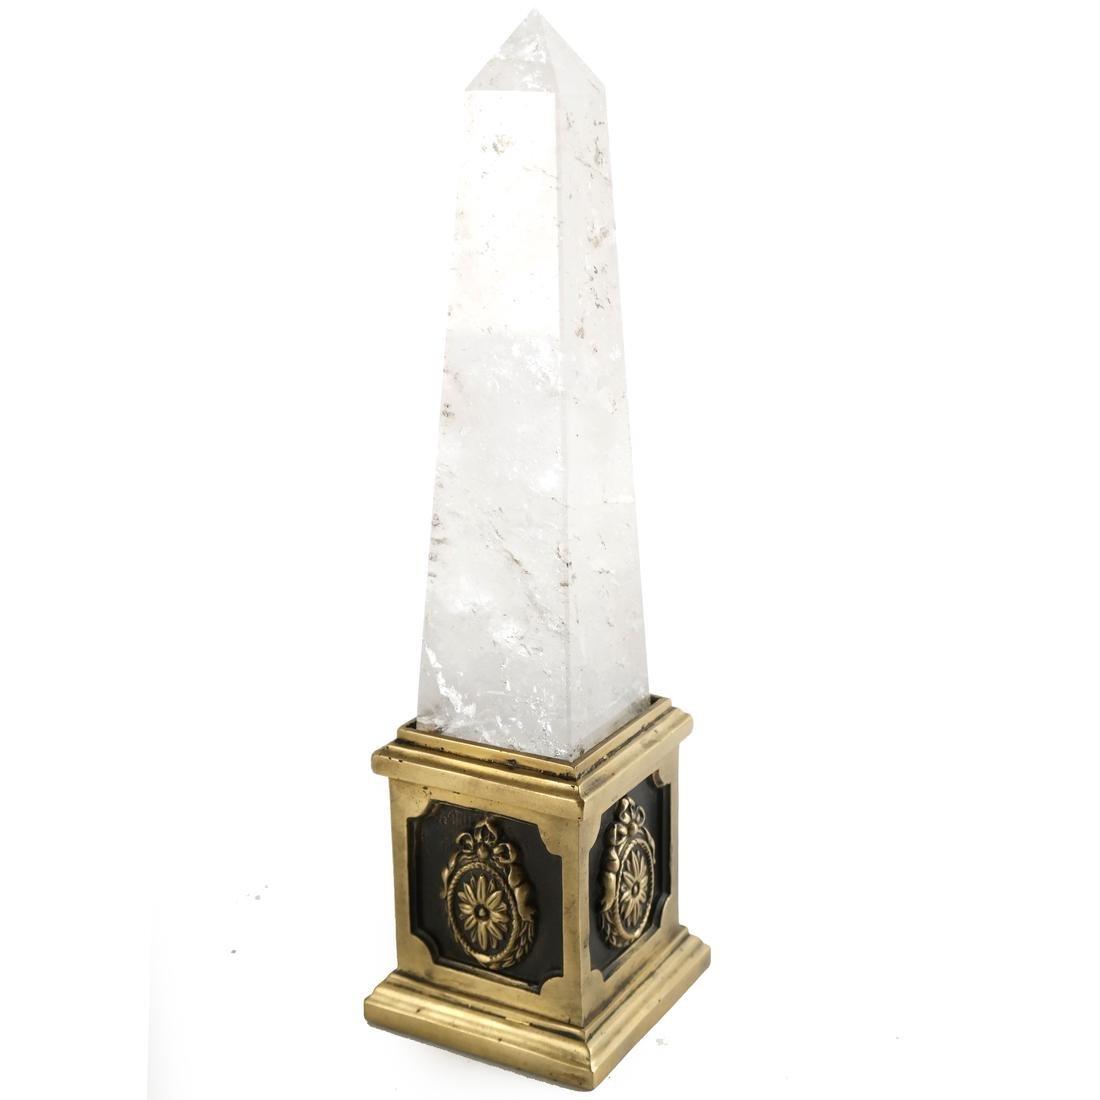 Brass-Mounted Rock Crystal Obelisk